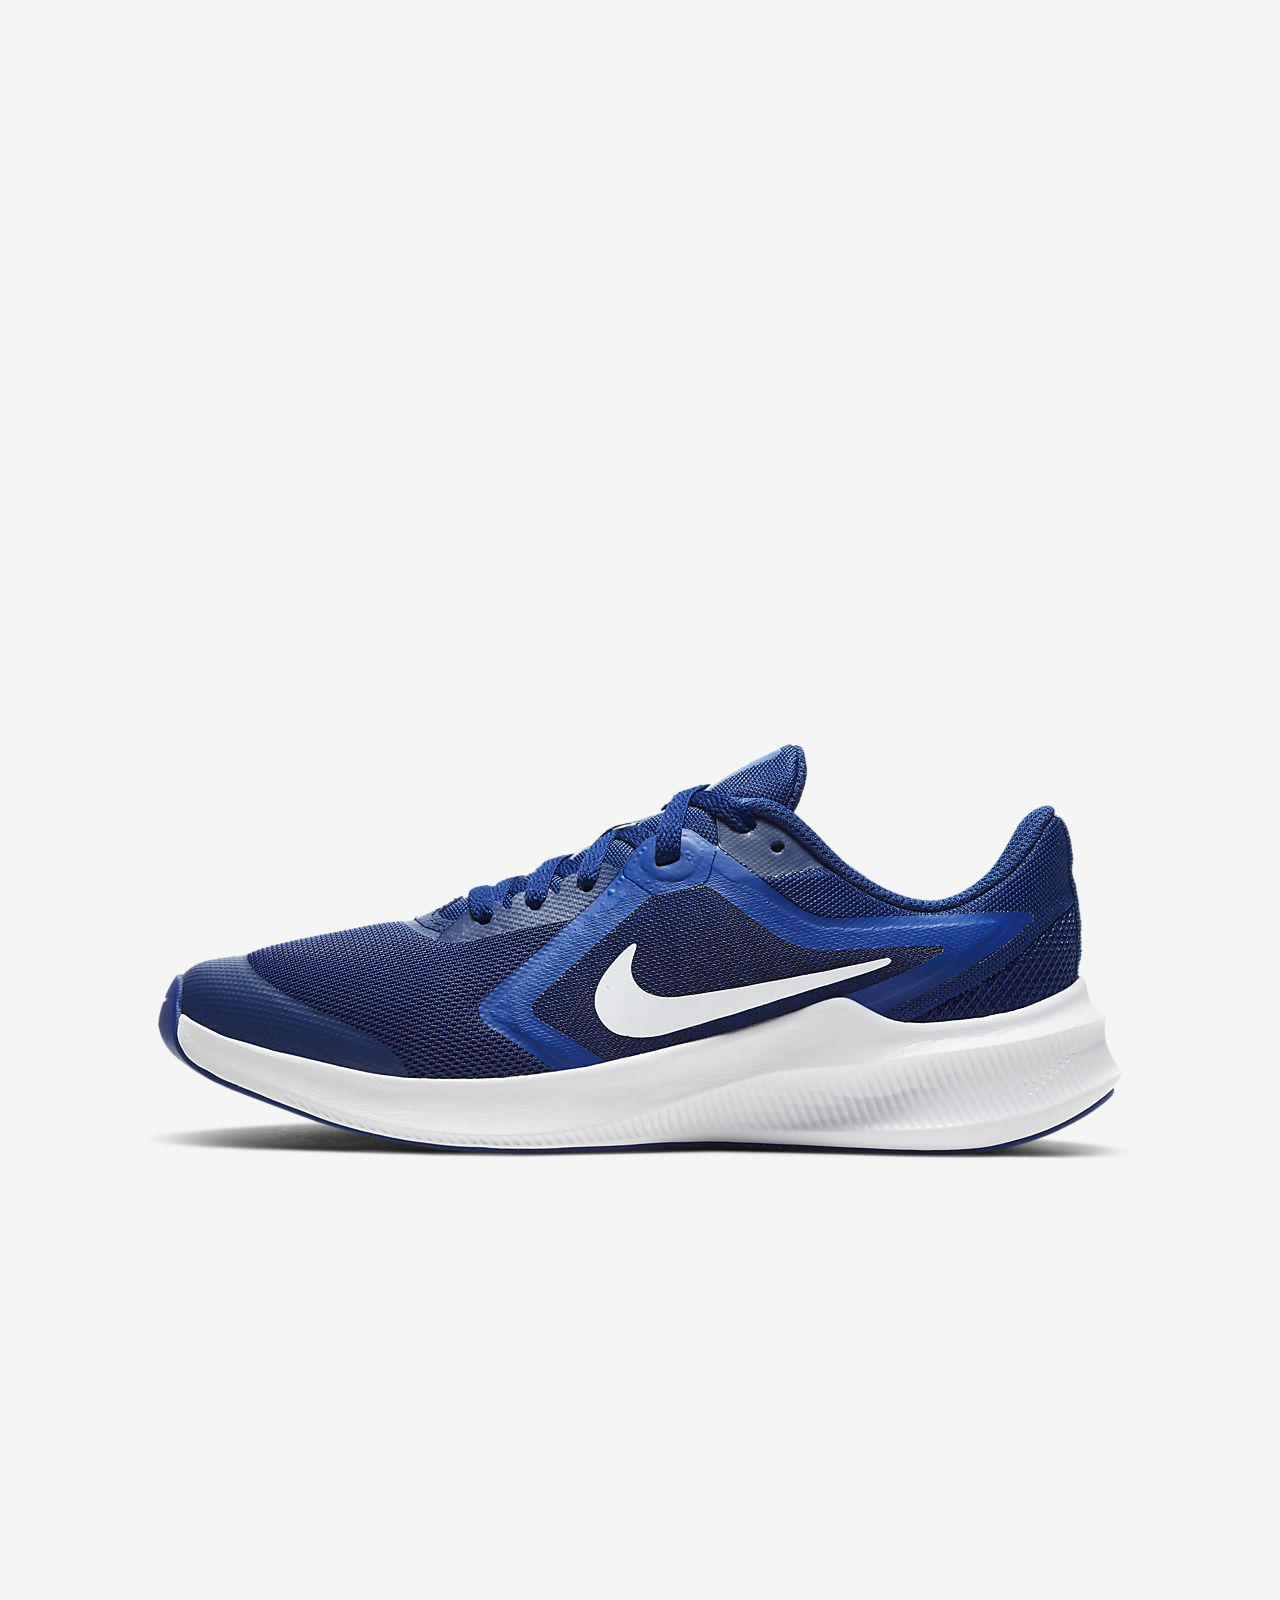 รองเท้าวิ่งเด็กโต Nike Downshifter 10